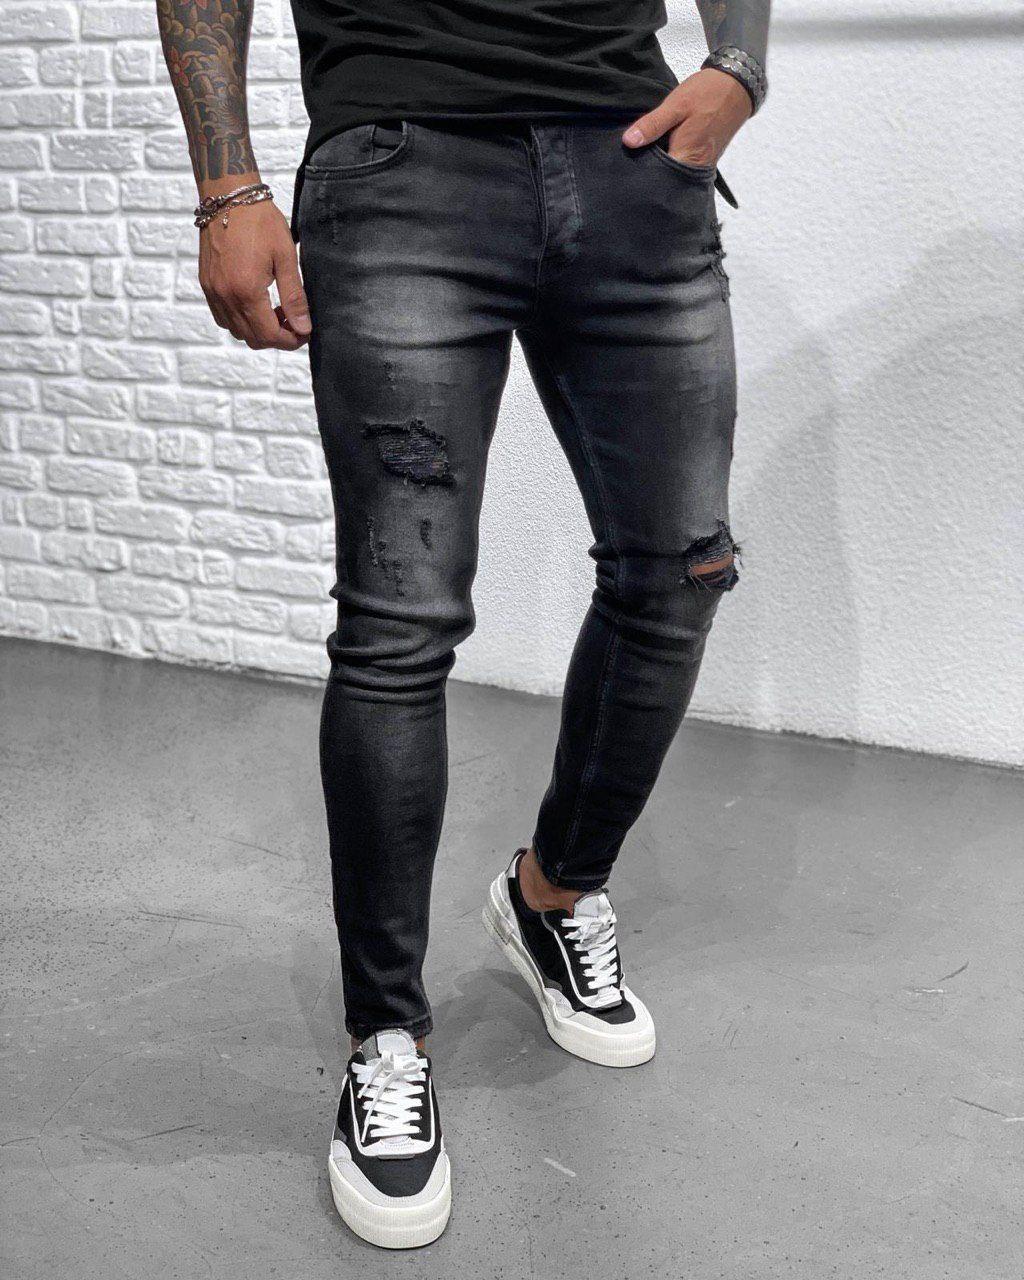 Джинси чоловічі чорні з потертостями завужені рвані стильні Туреччина